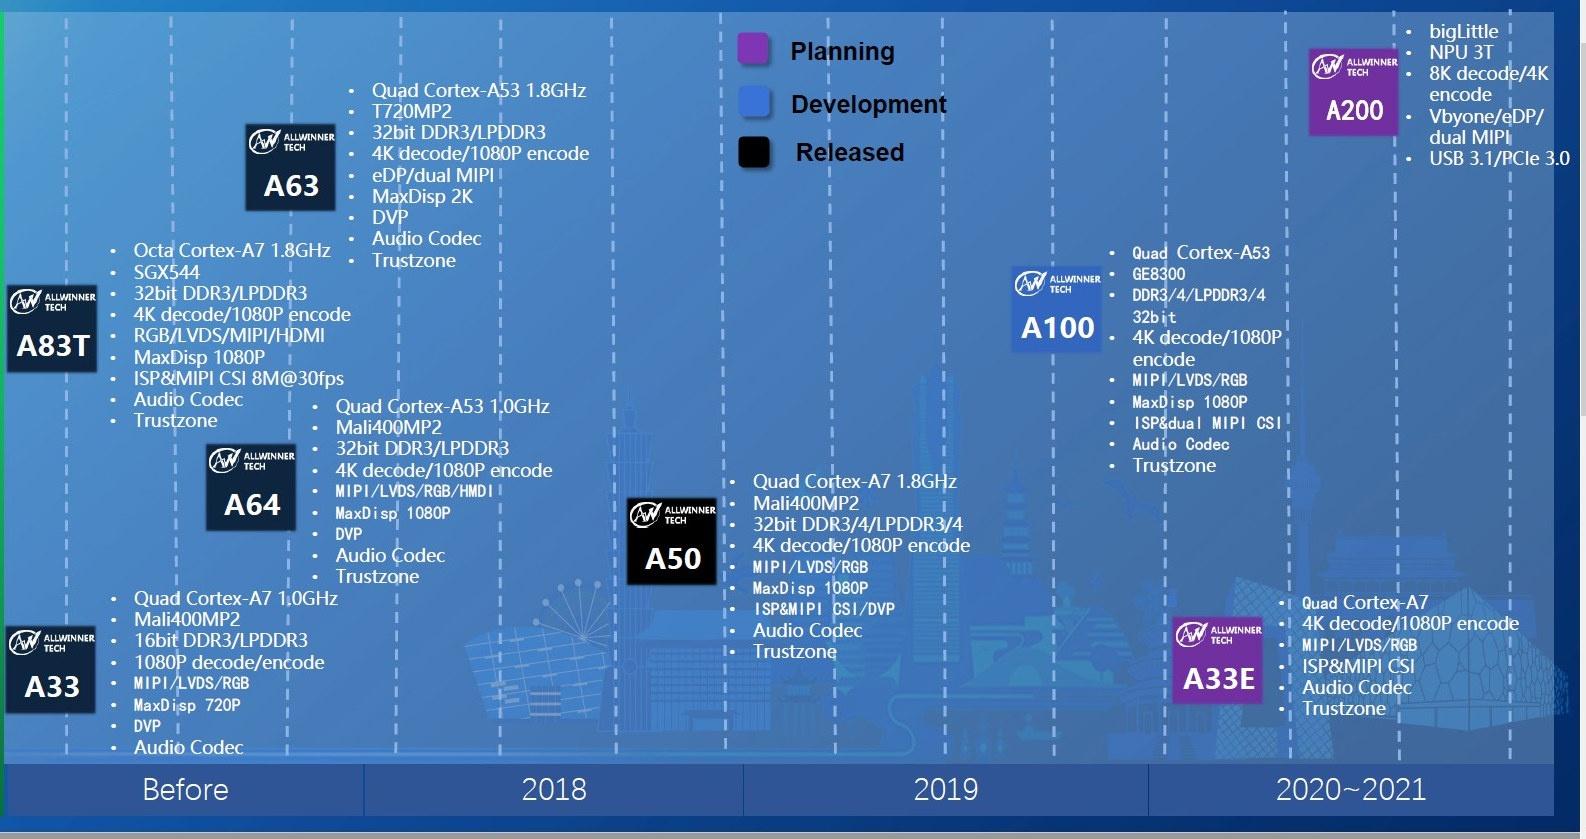 Allwinner 2020-2021 Roadmap - A33E, A100 & A200